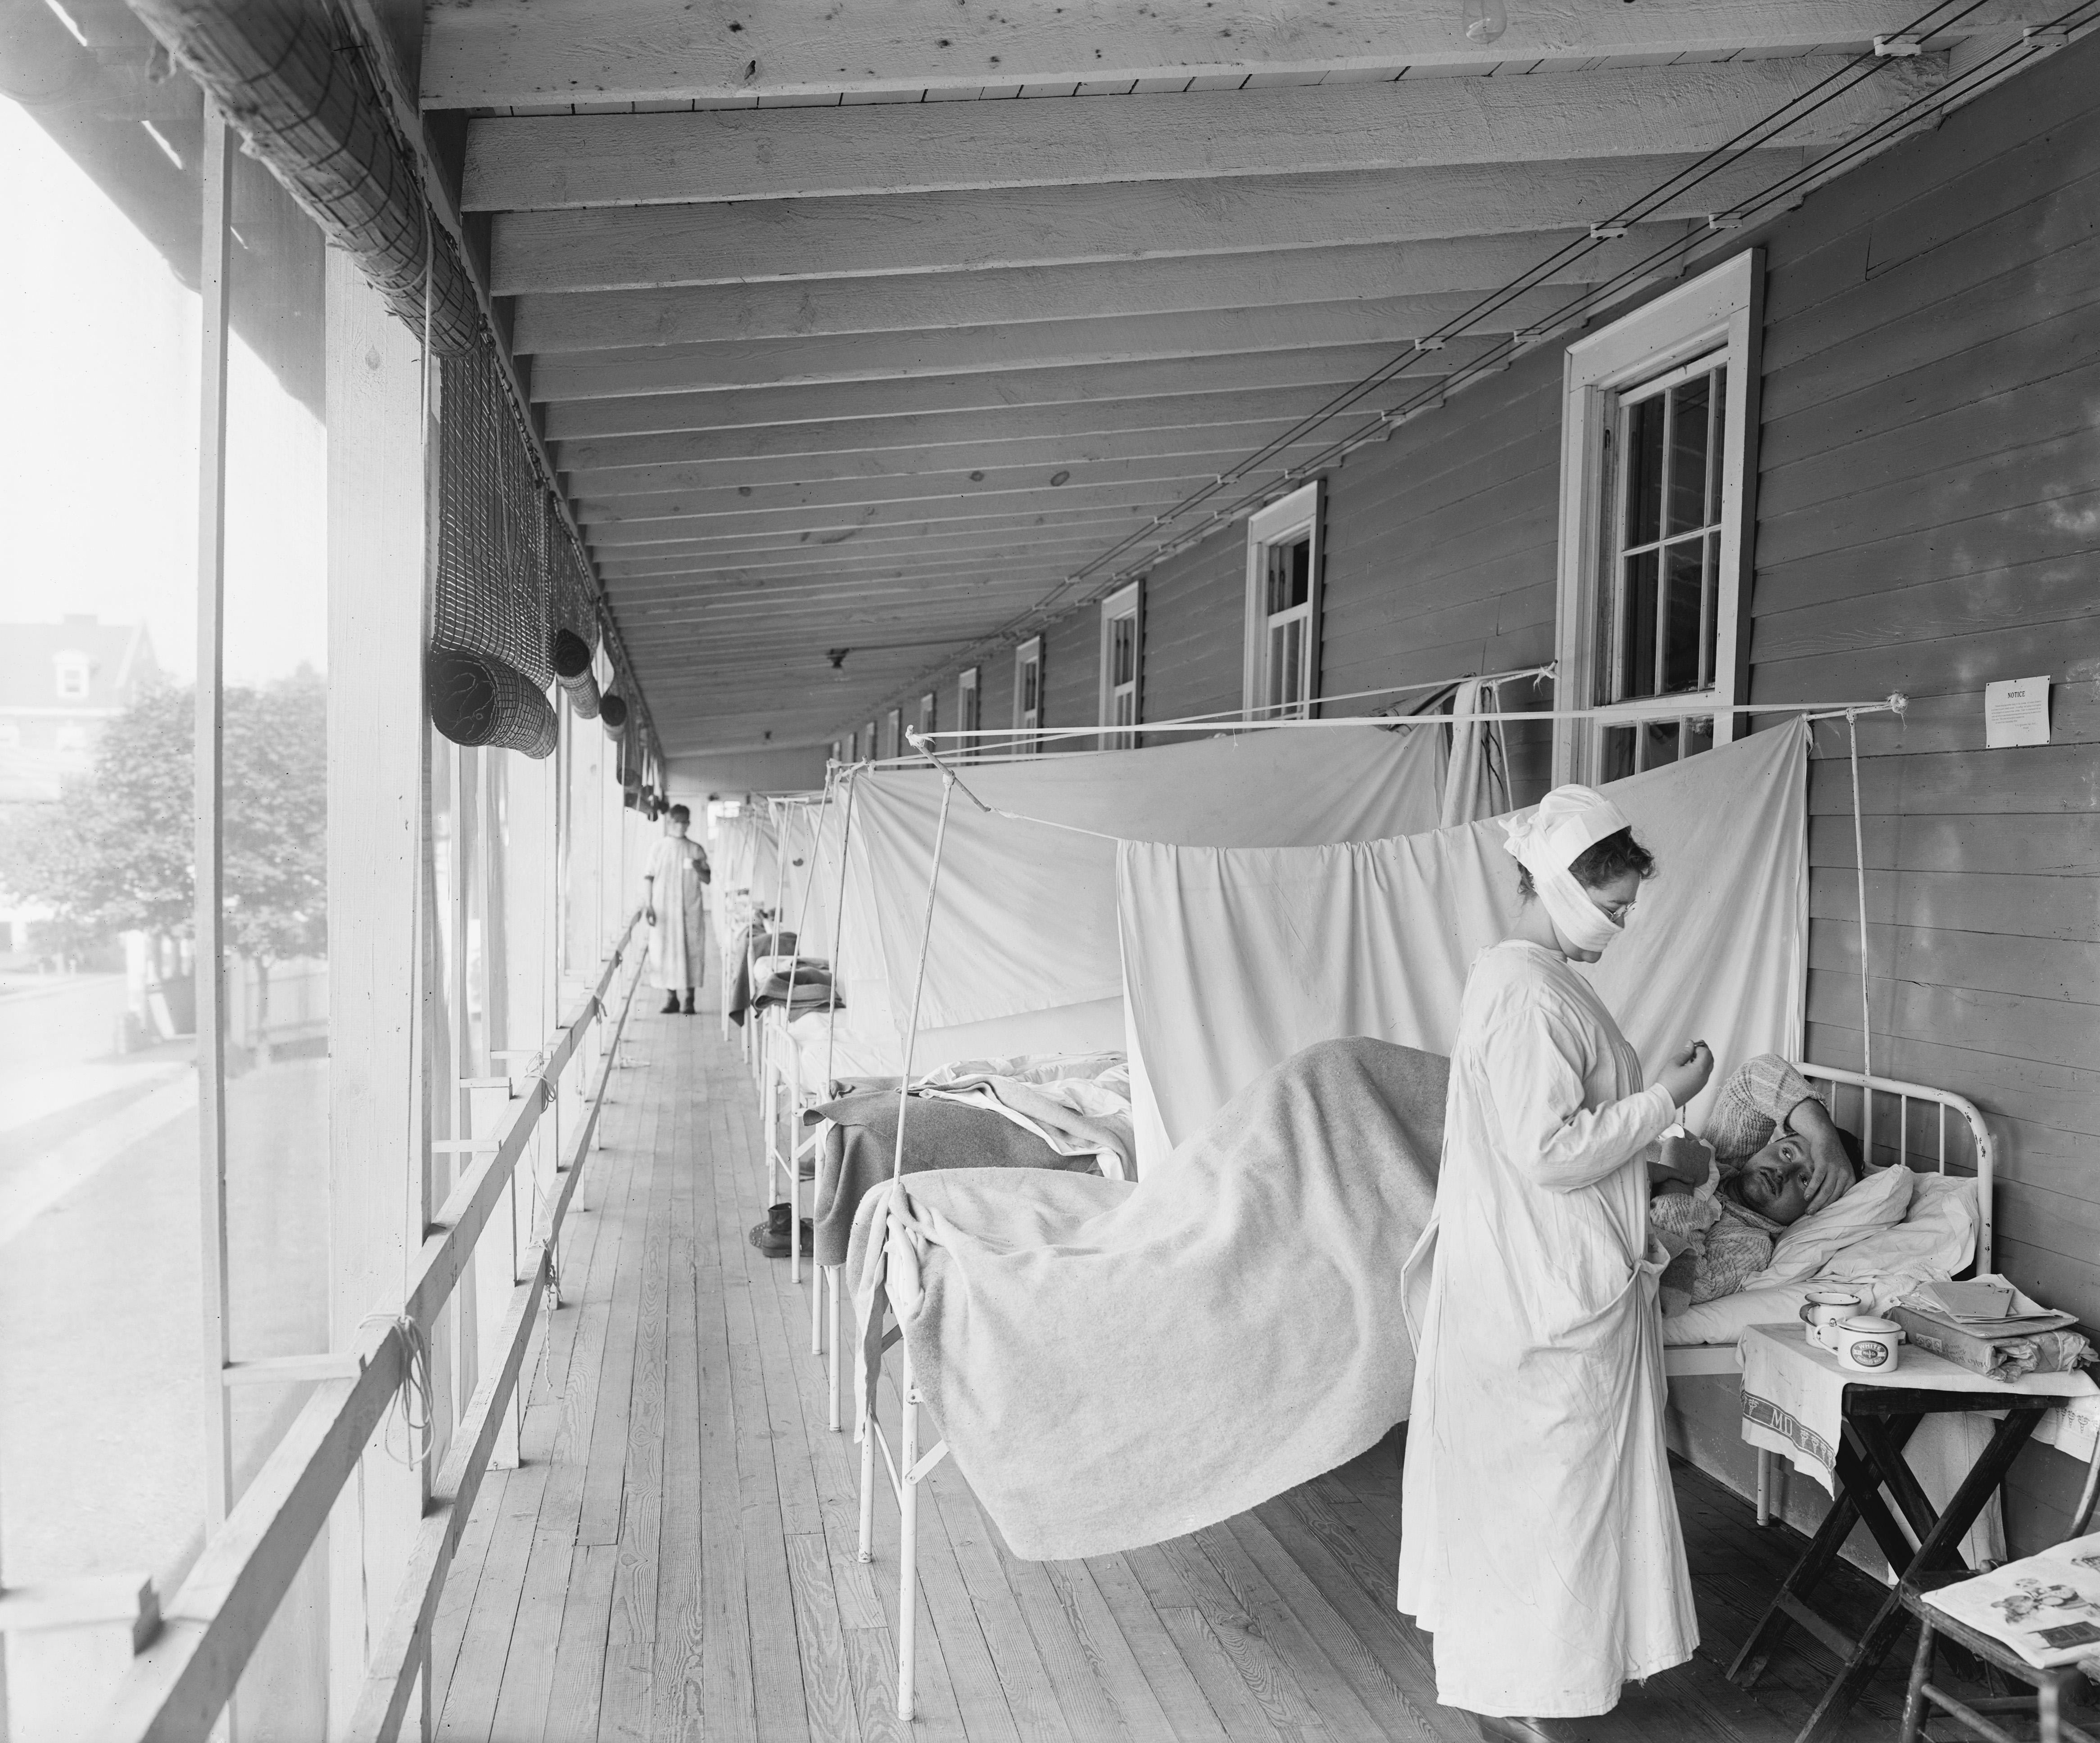 Maske takarak hastasını tedavi eden bir hemşire.